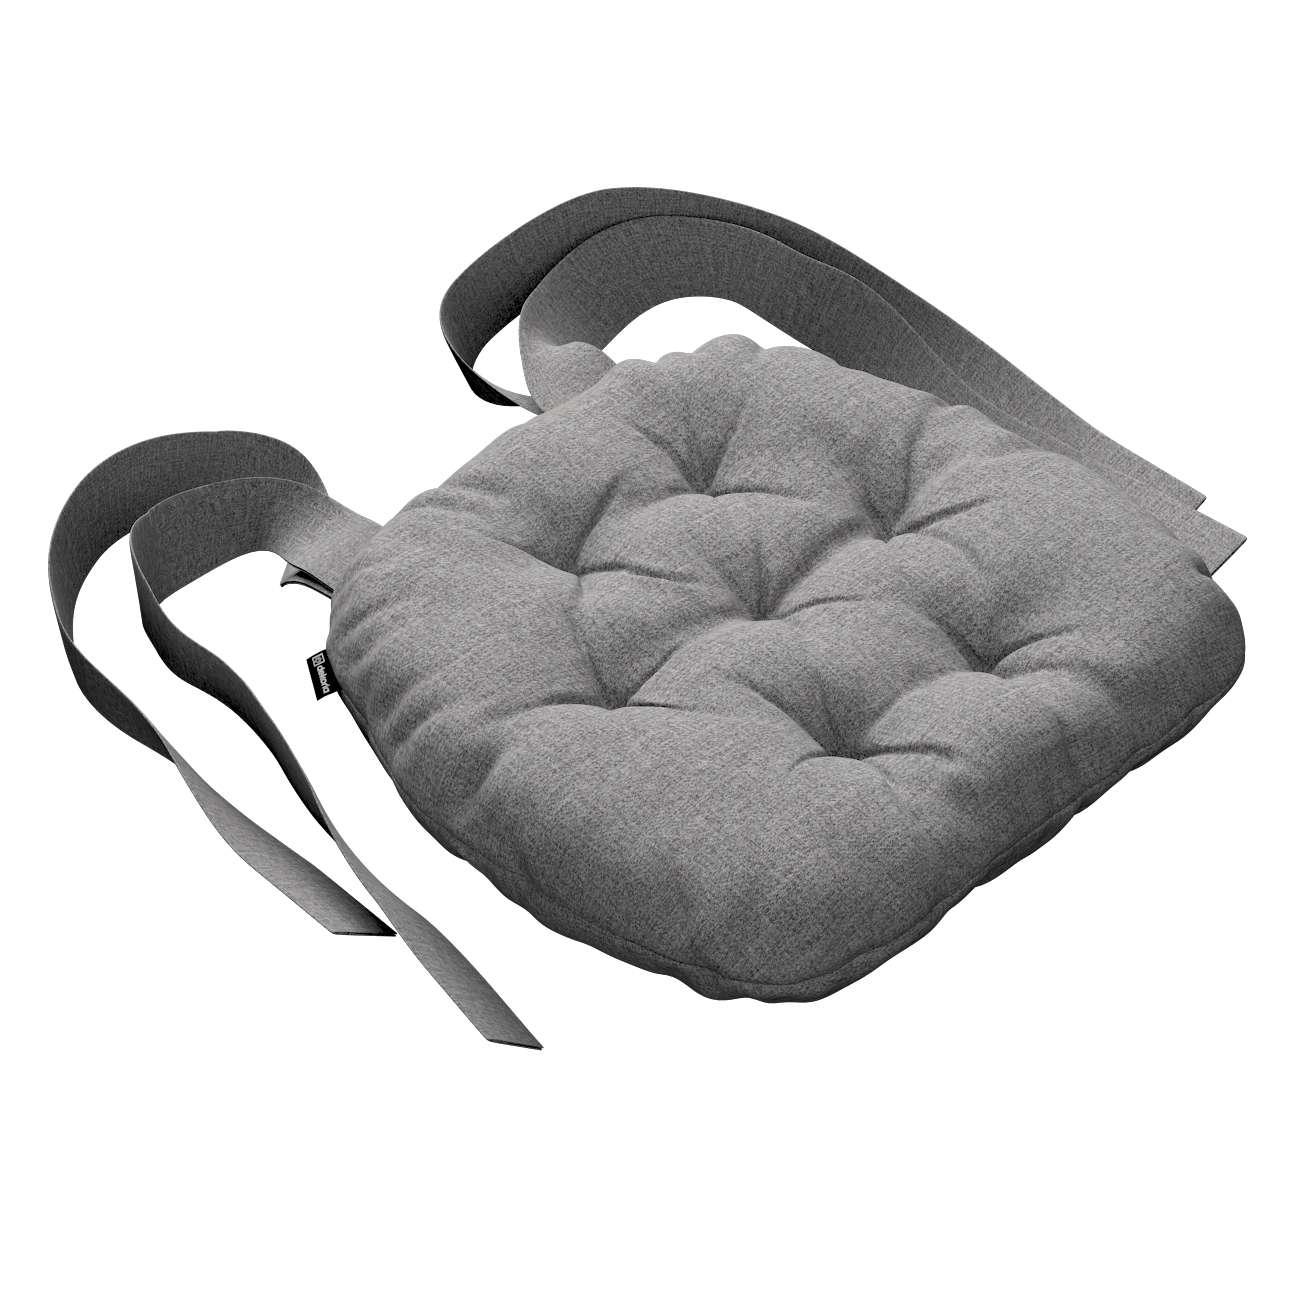 Siedzisko Marcin na krzesło 40x37x8cm w kolekcji Edinburgh, tkanina: 115-81